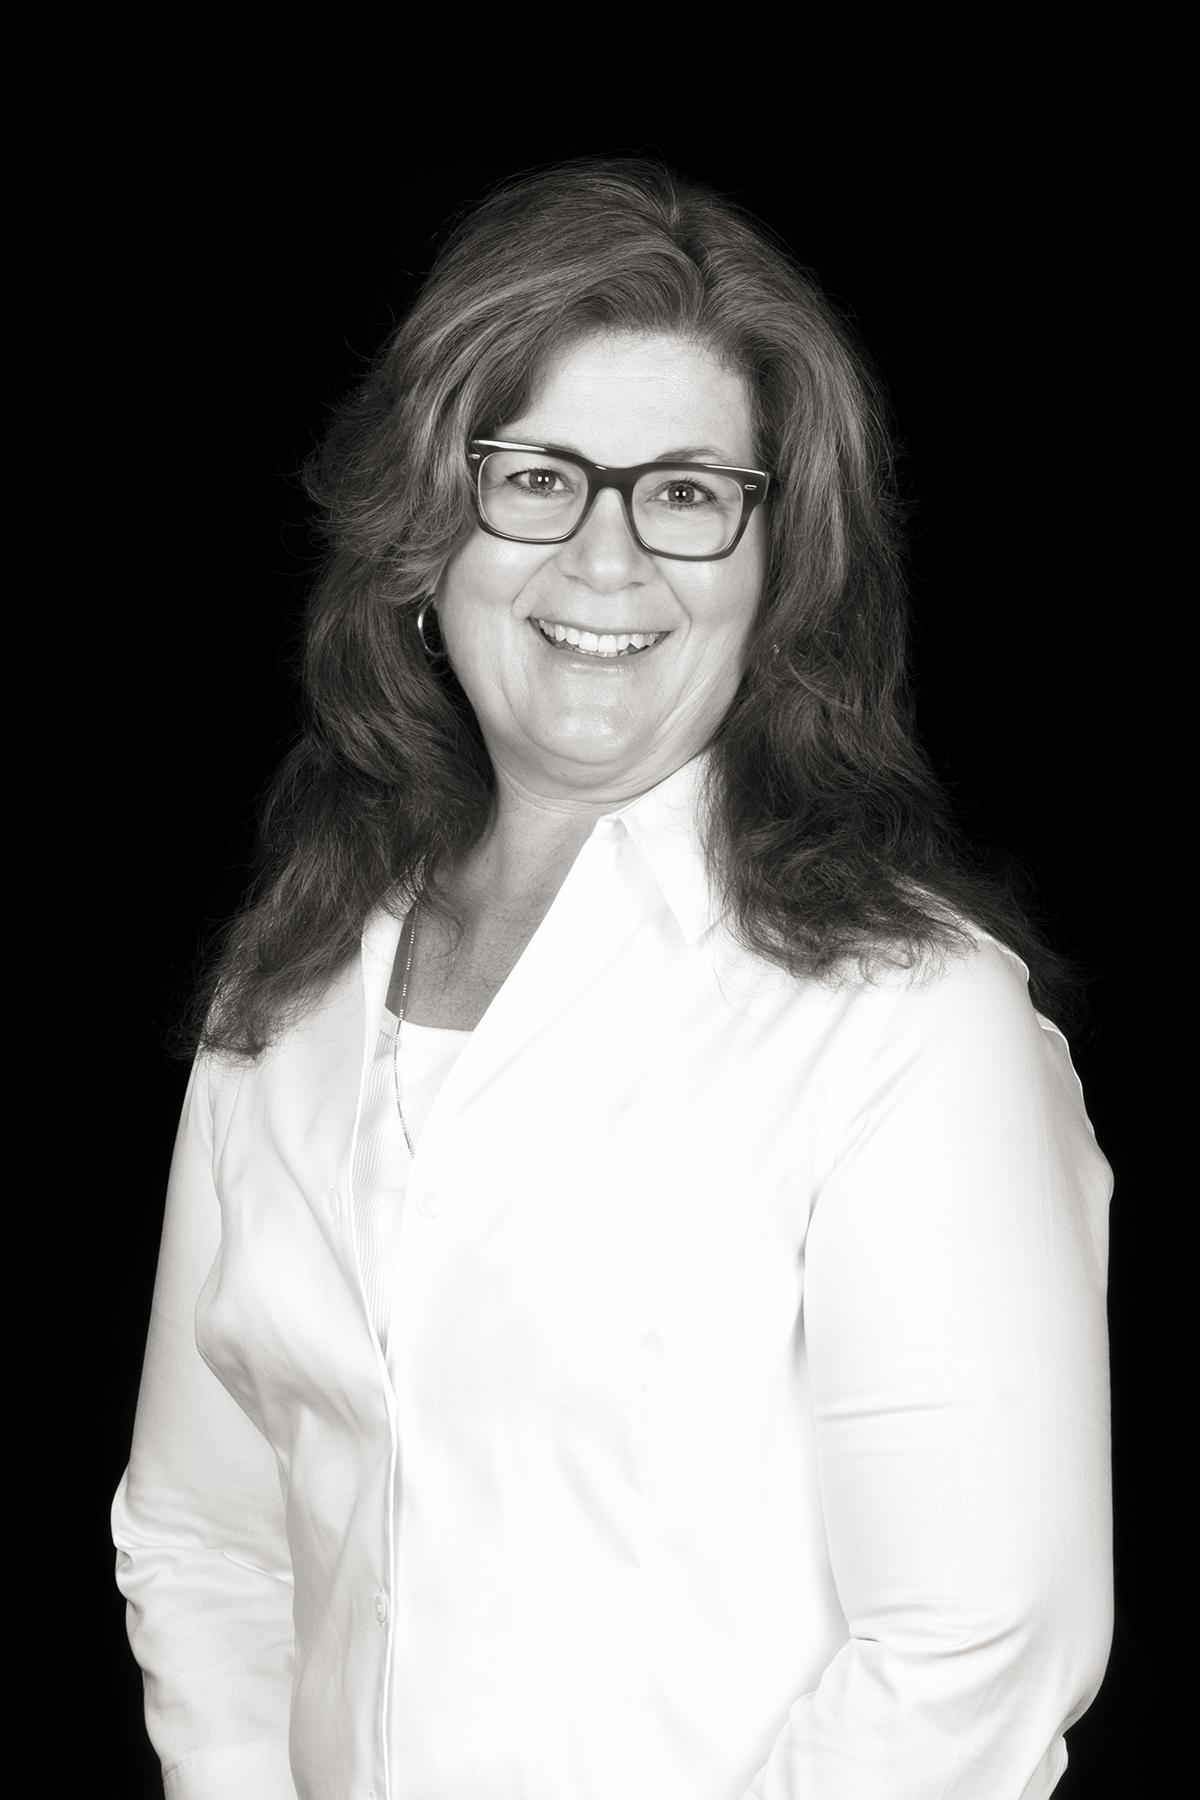 Lisa Sepia